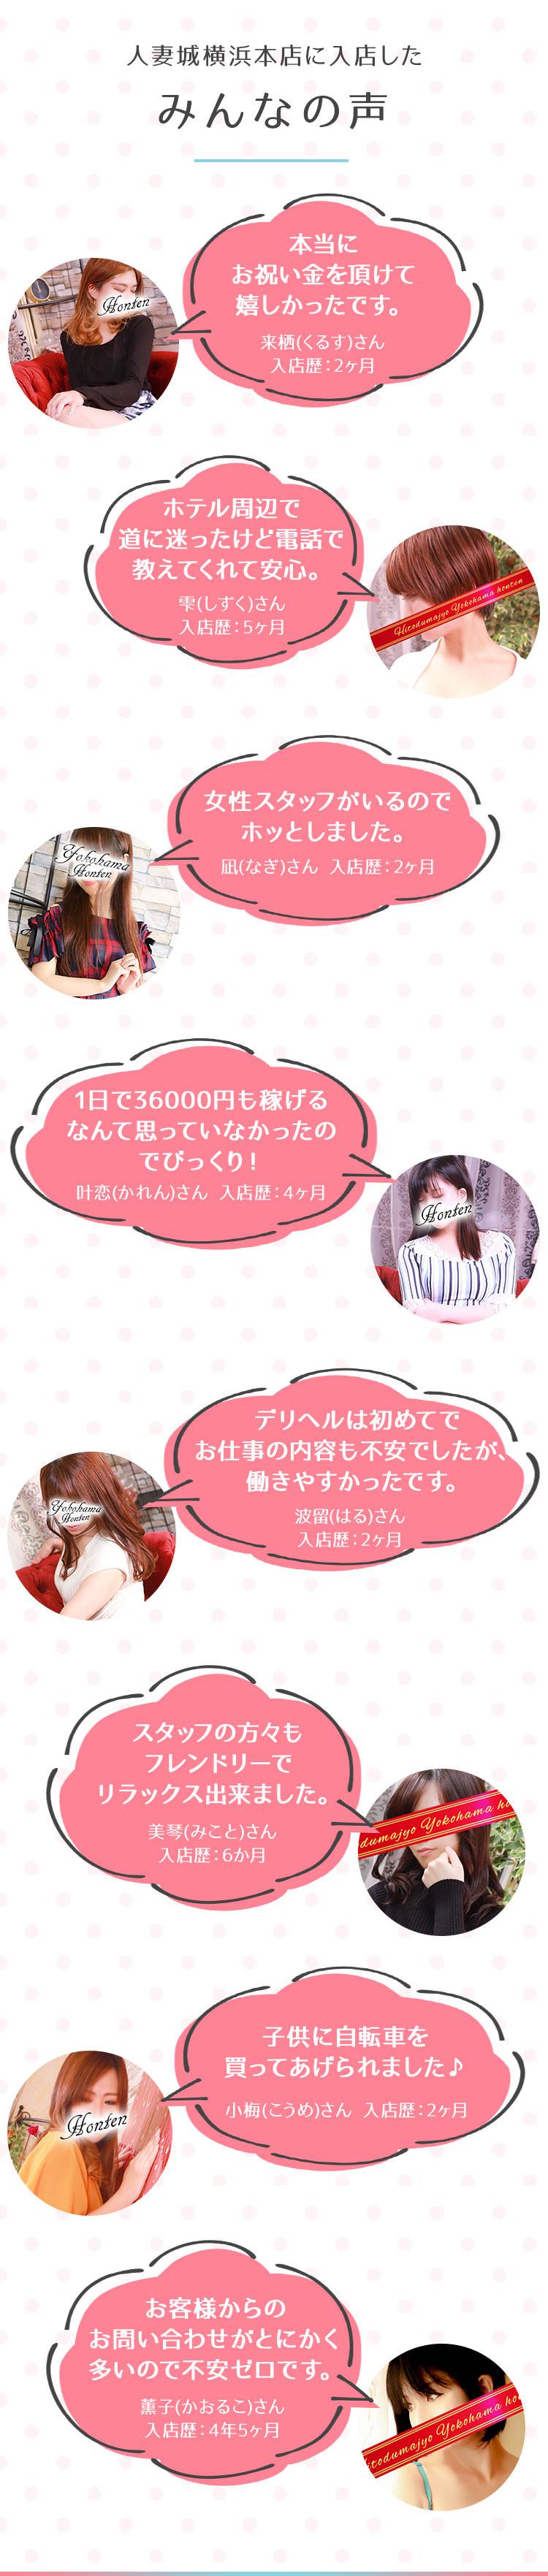 200701_shiro_sec10.jpg